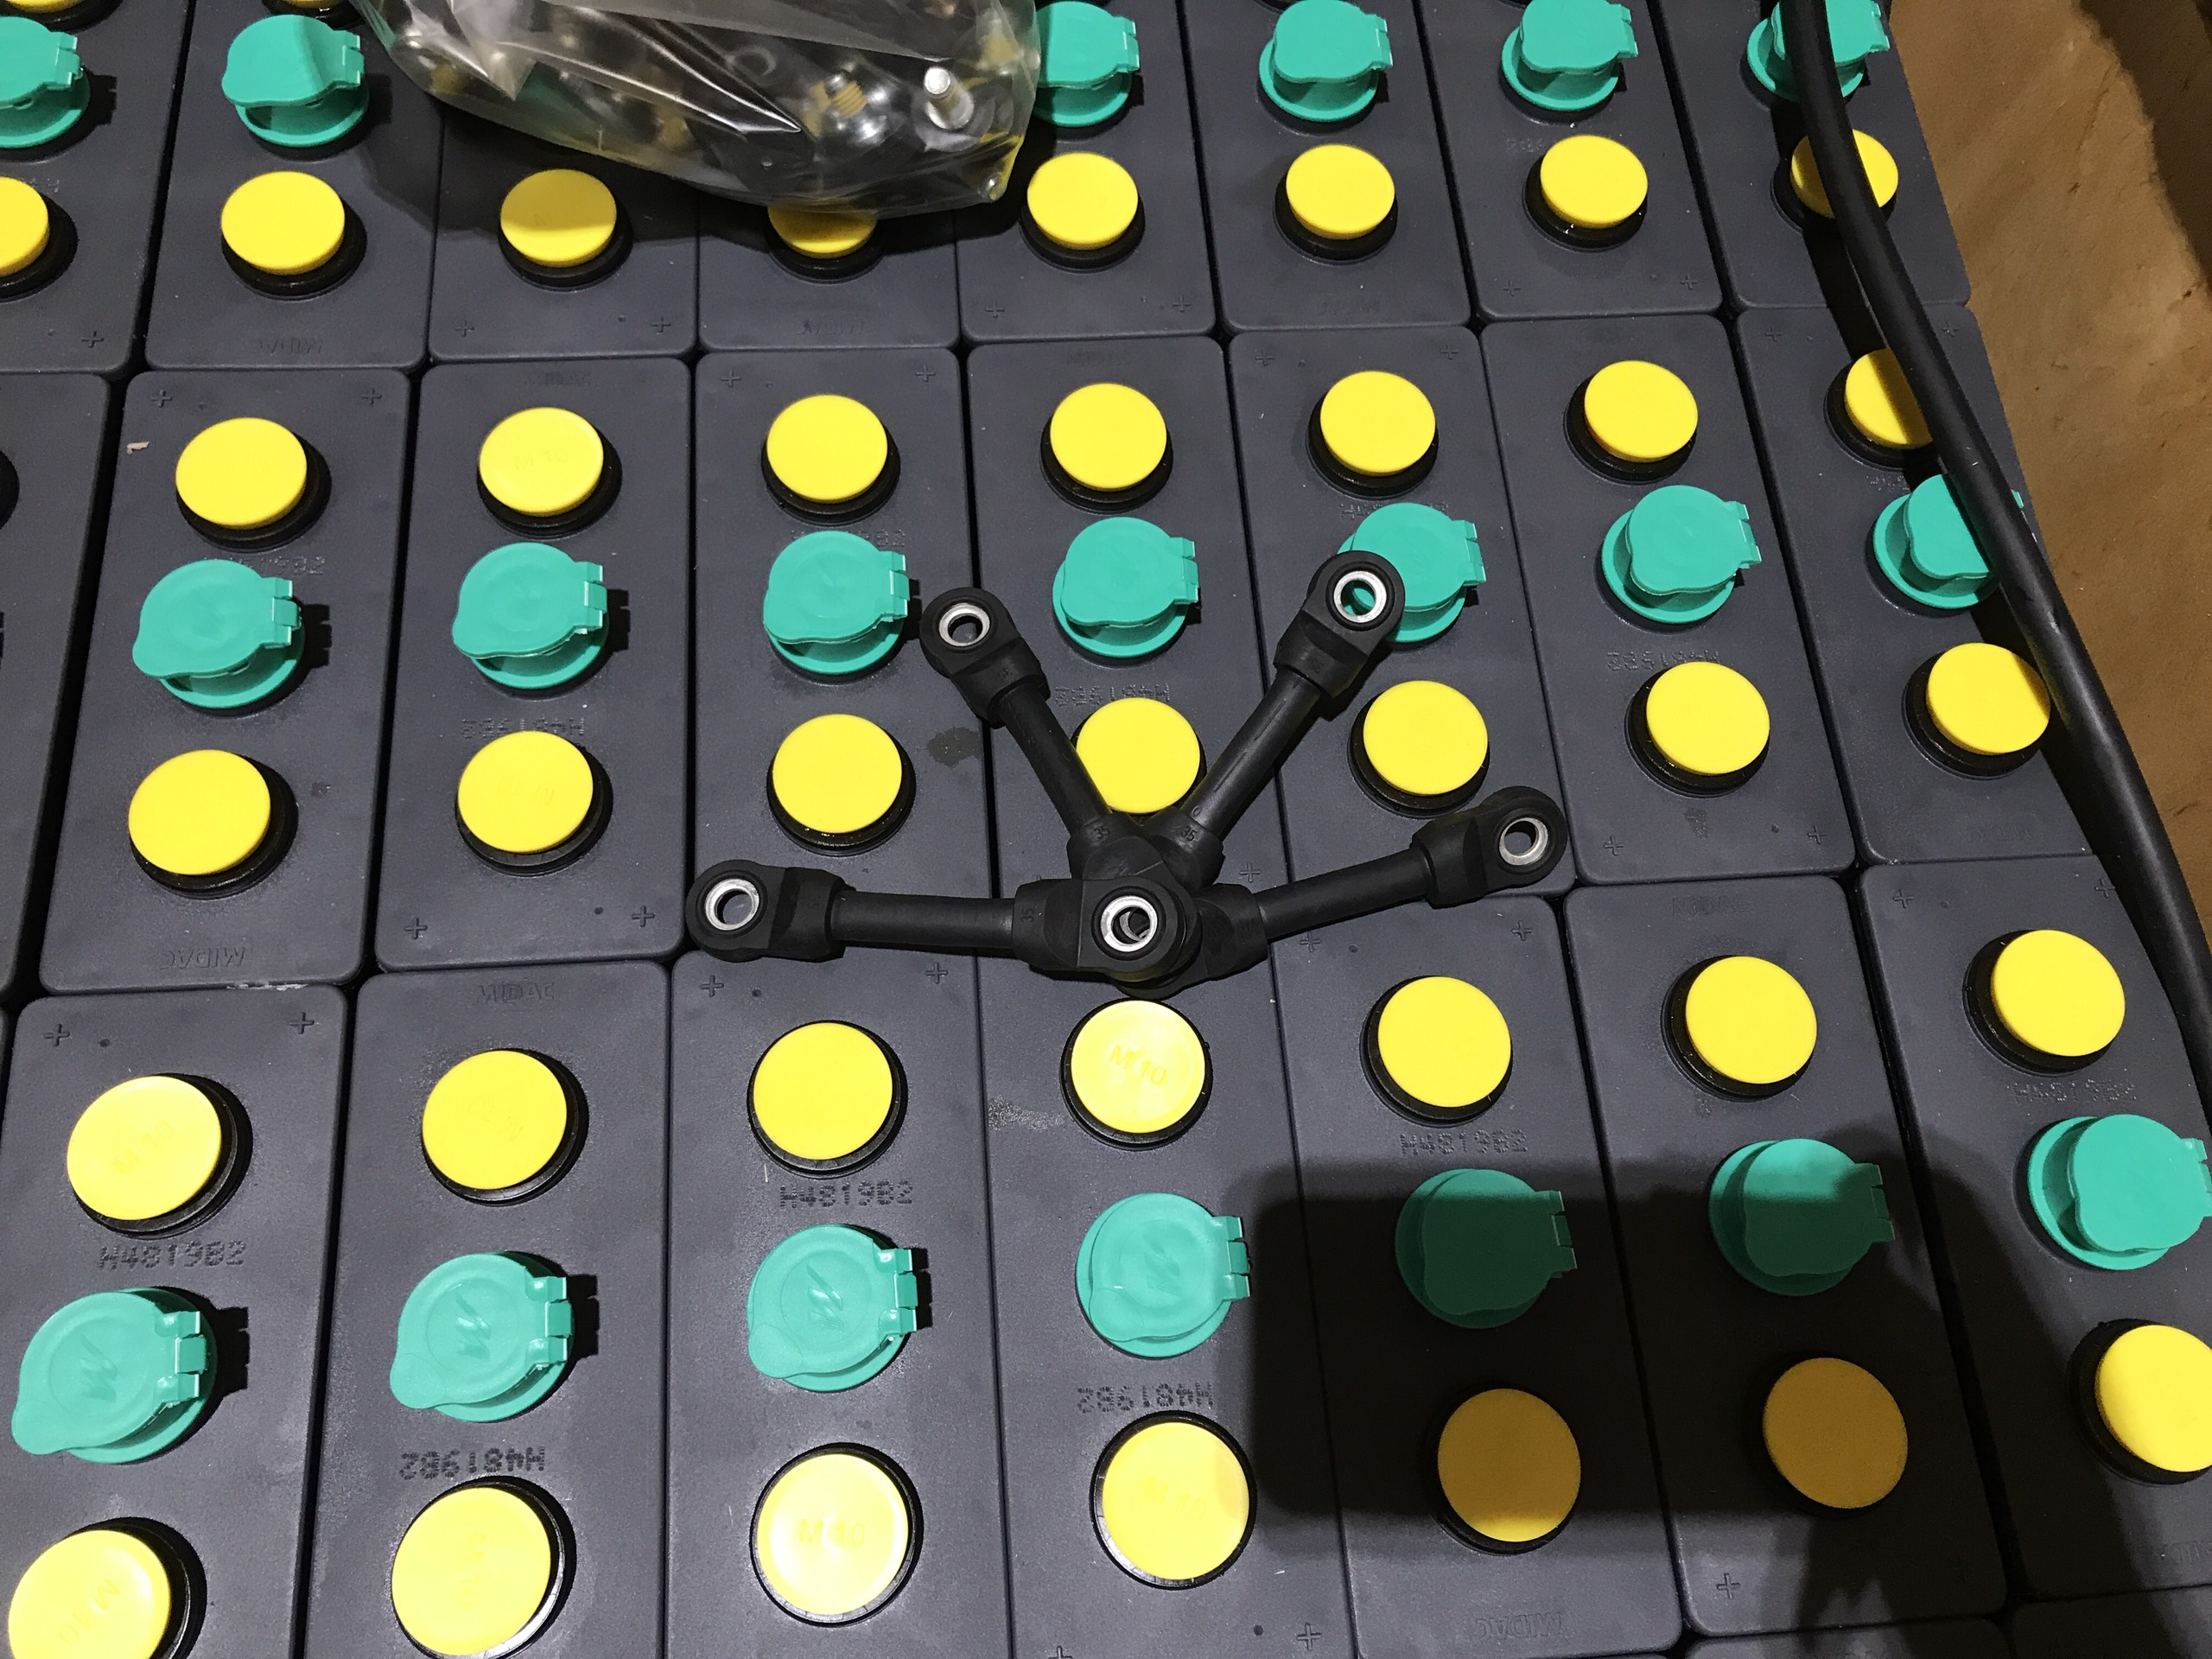 Bình ắc quy xe nâng hiệu MIDAC. Công suất 48V455Ah, gồm 24 cell